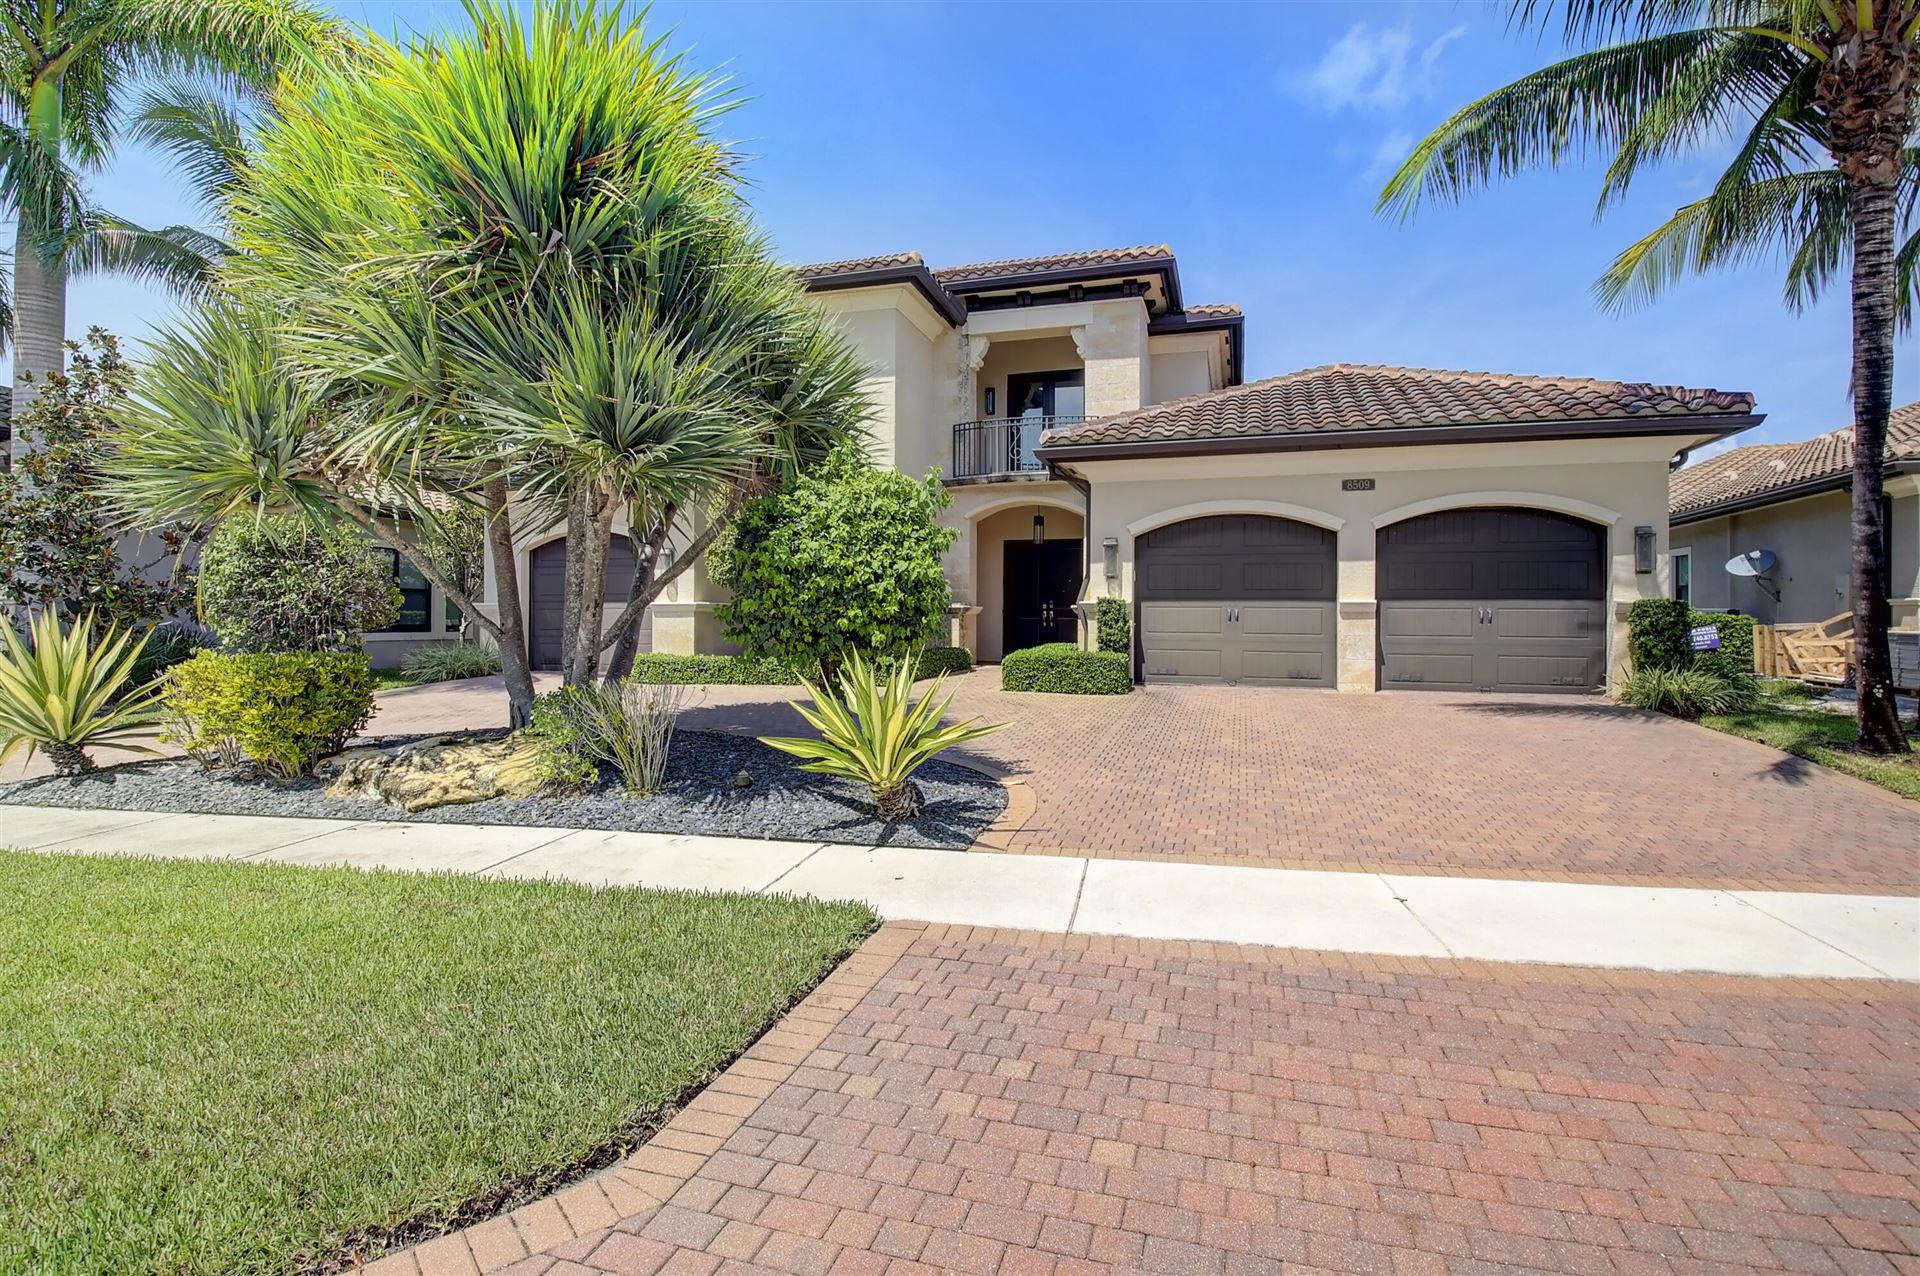 Photo of 8509 Hawks Gully Avenue, Delray Beach, FL 33446 (MLS # RX-10747351)